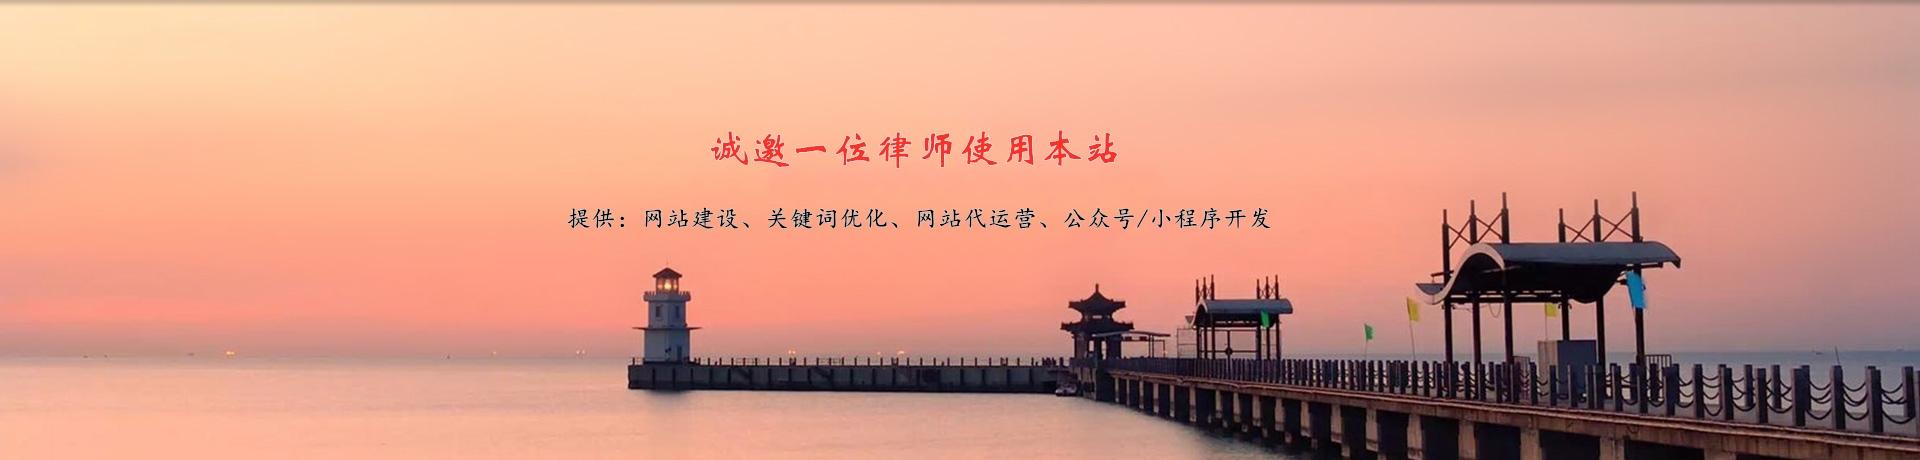 上海合同律师大图二